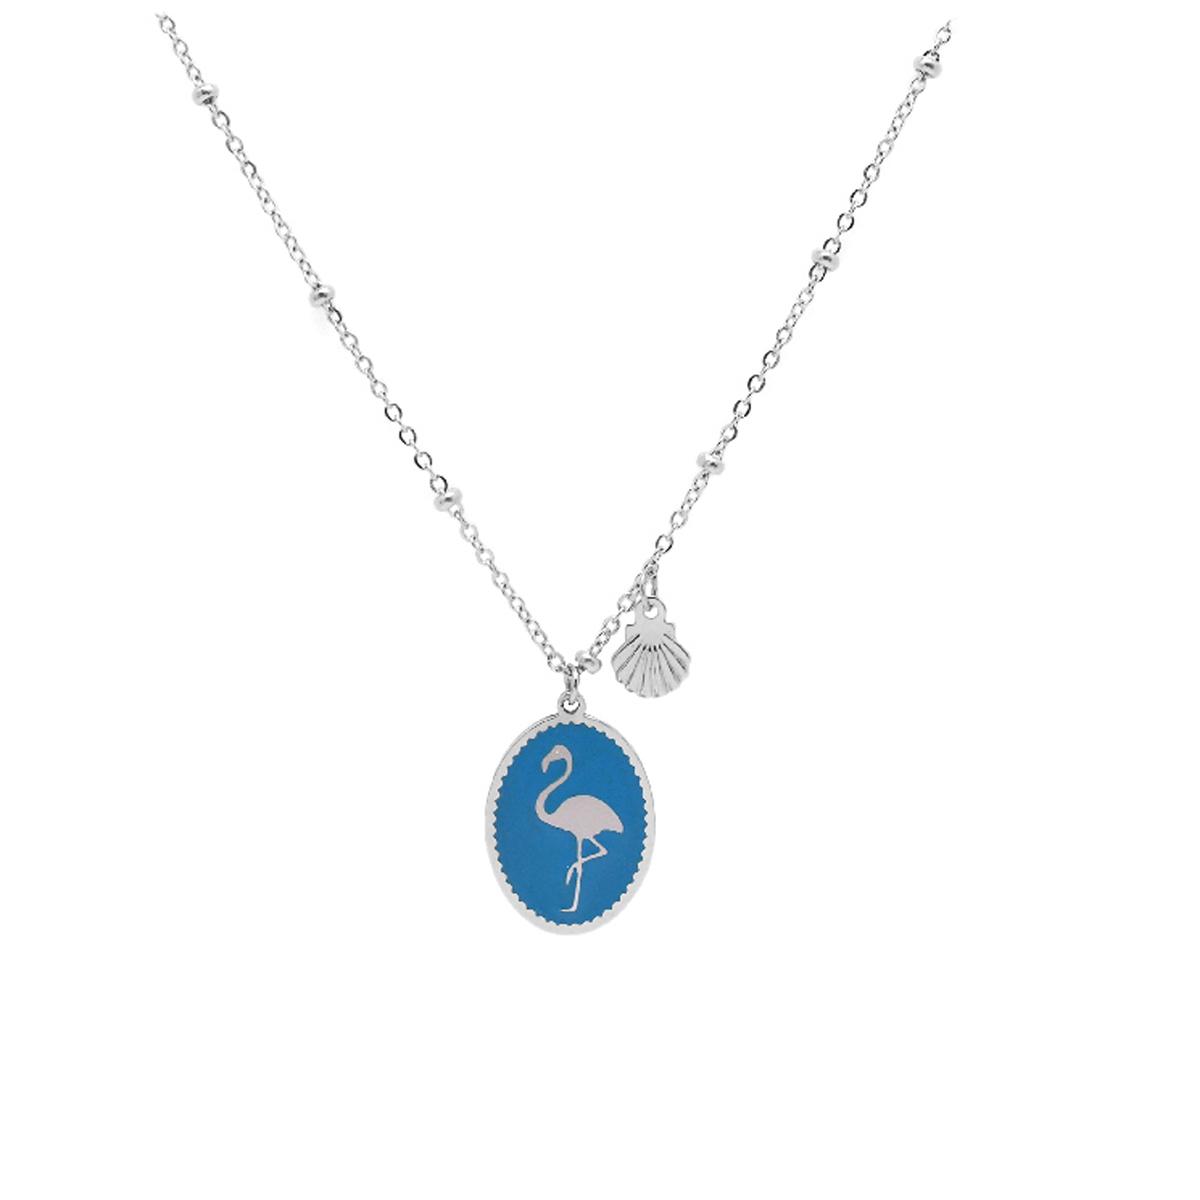 Collier créateur acier \'Flamant Rose\' turquoise argenté - 16x12 mm - [Q2506]